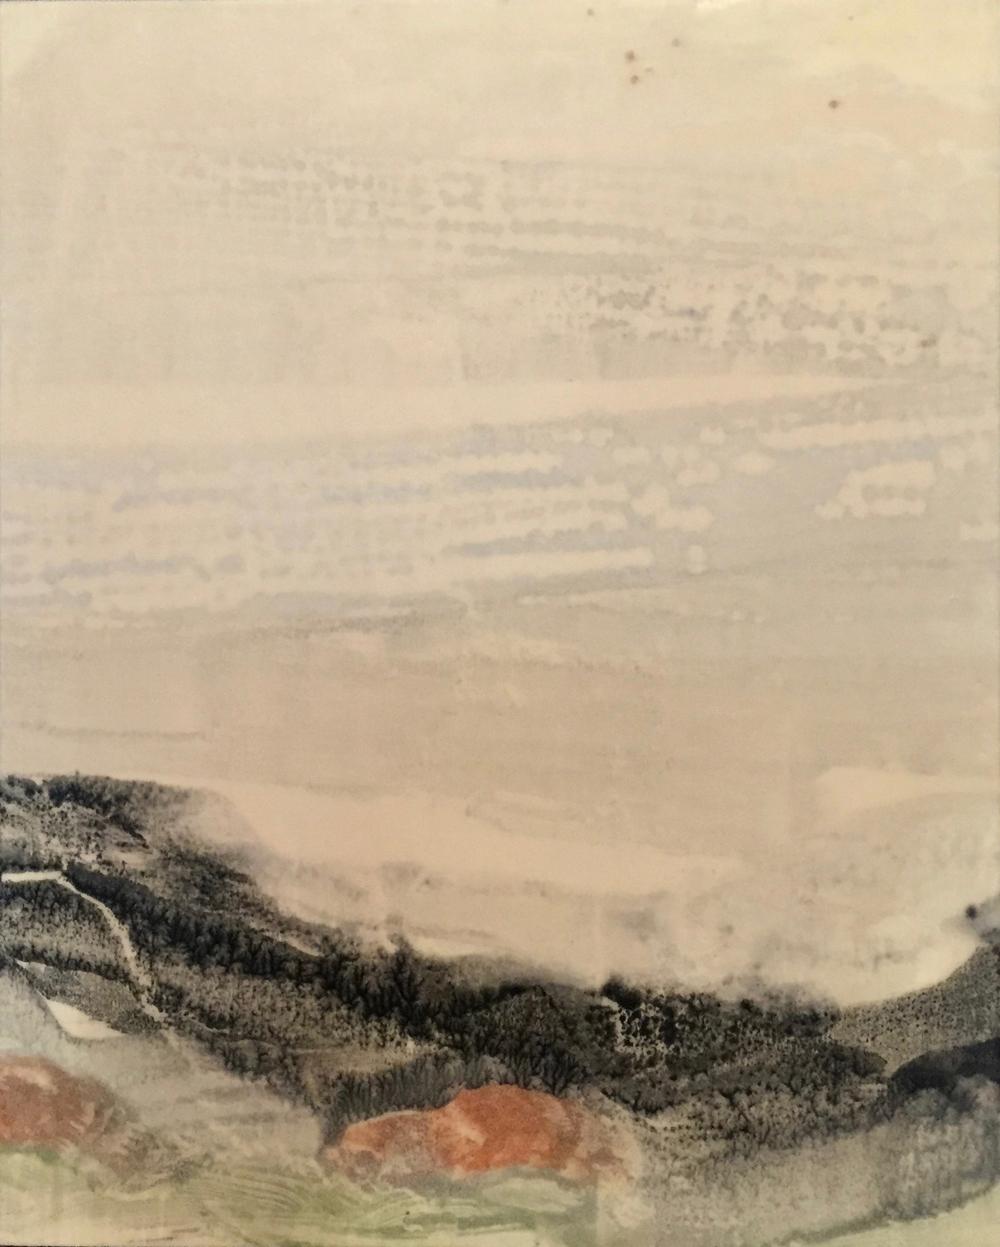 Akai Iwa (Framed Pair) ~ 8x10